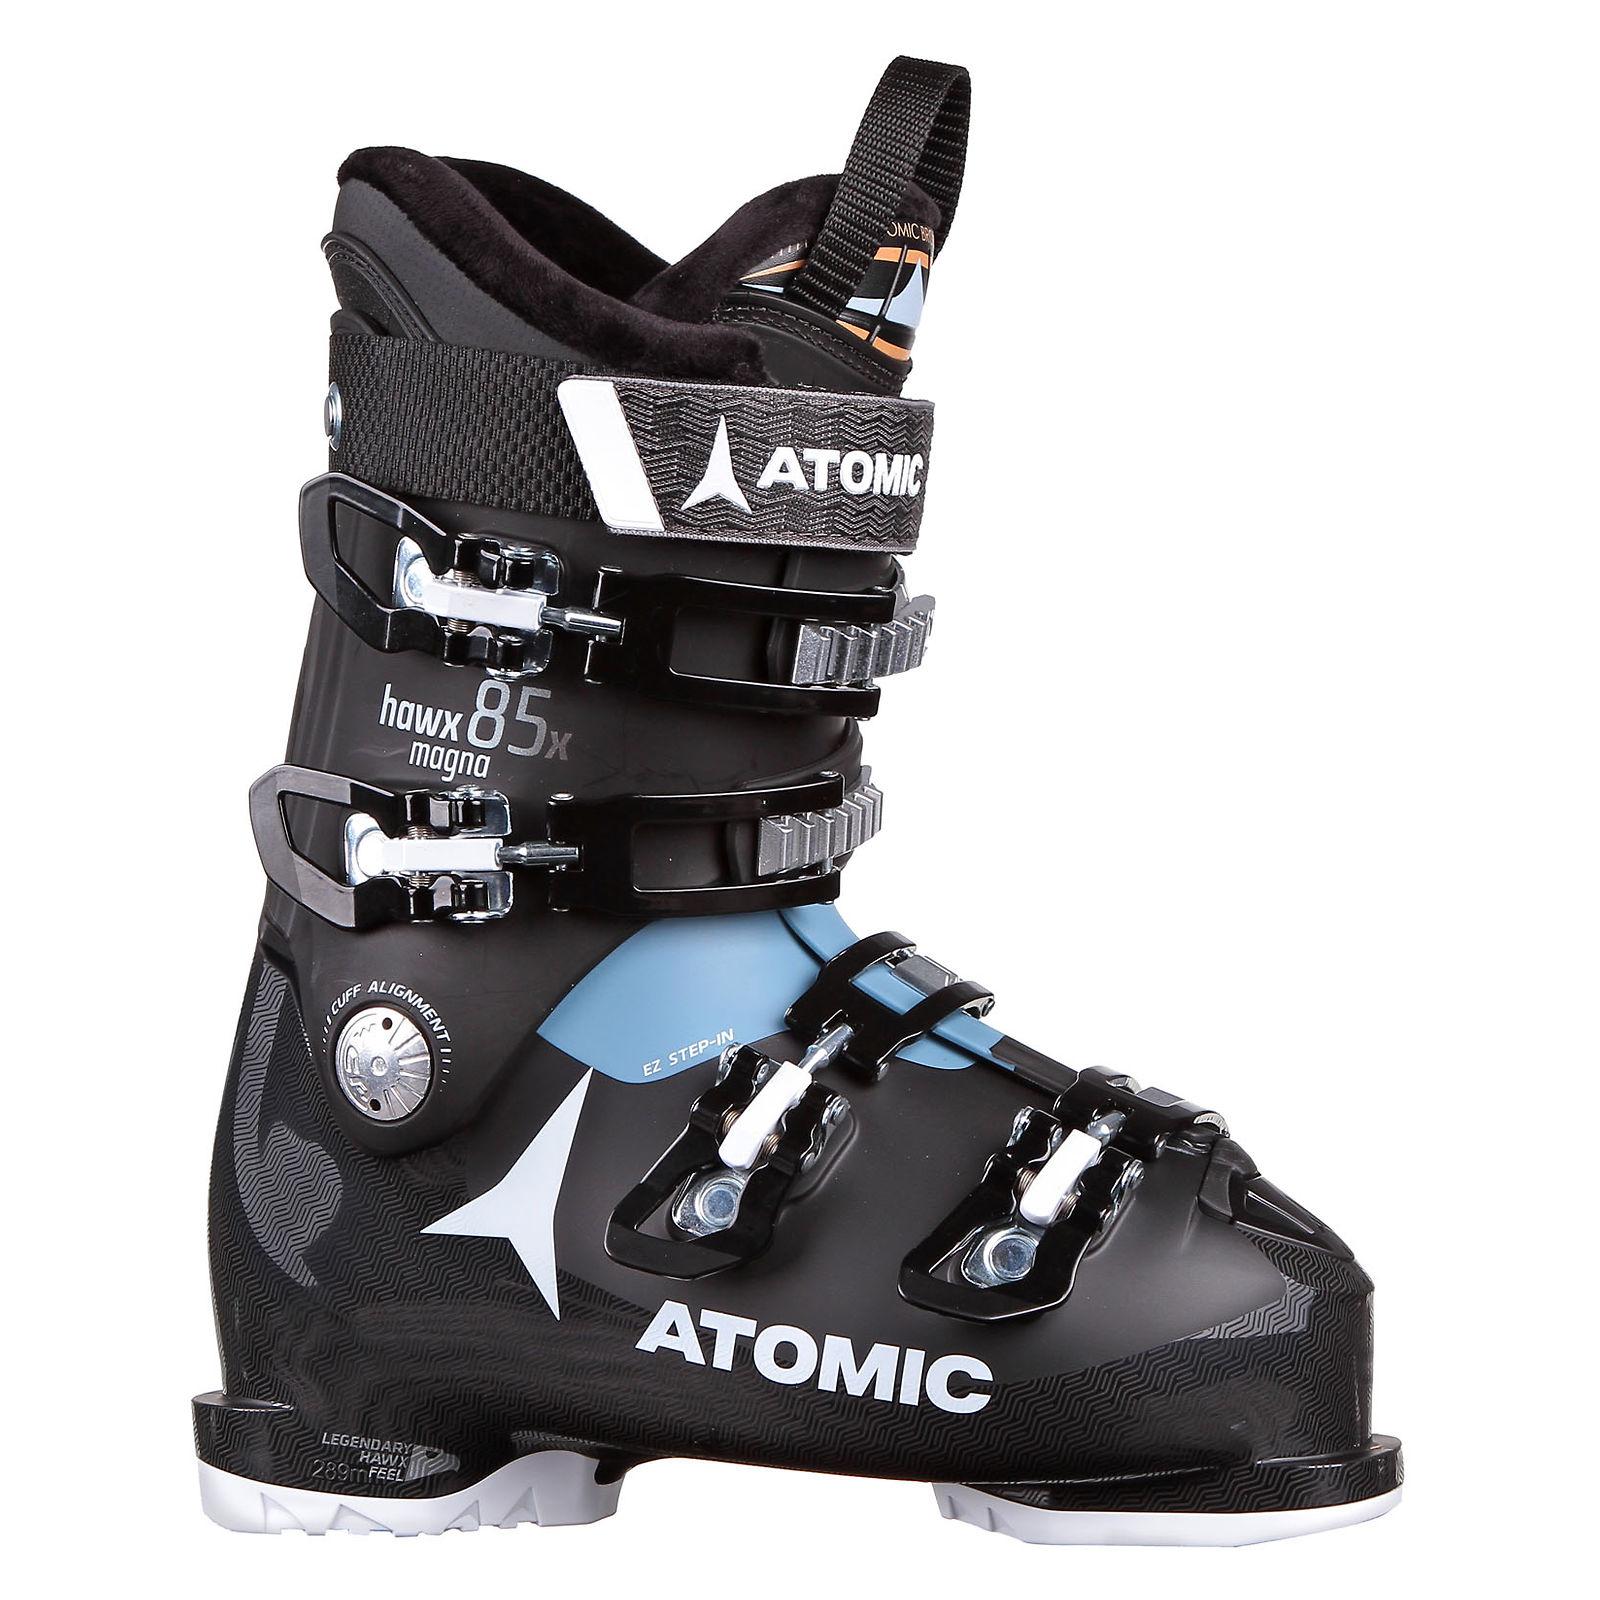 Buty narciarskie damskie Atomic Hawx Magna 85X W F85